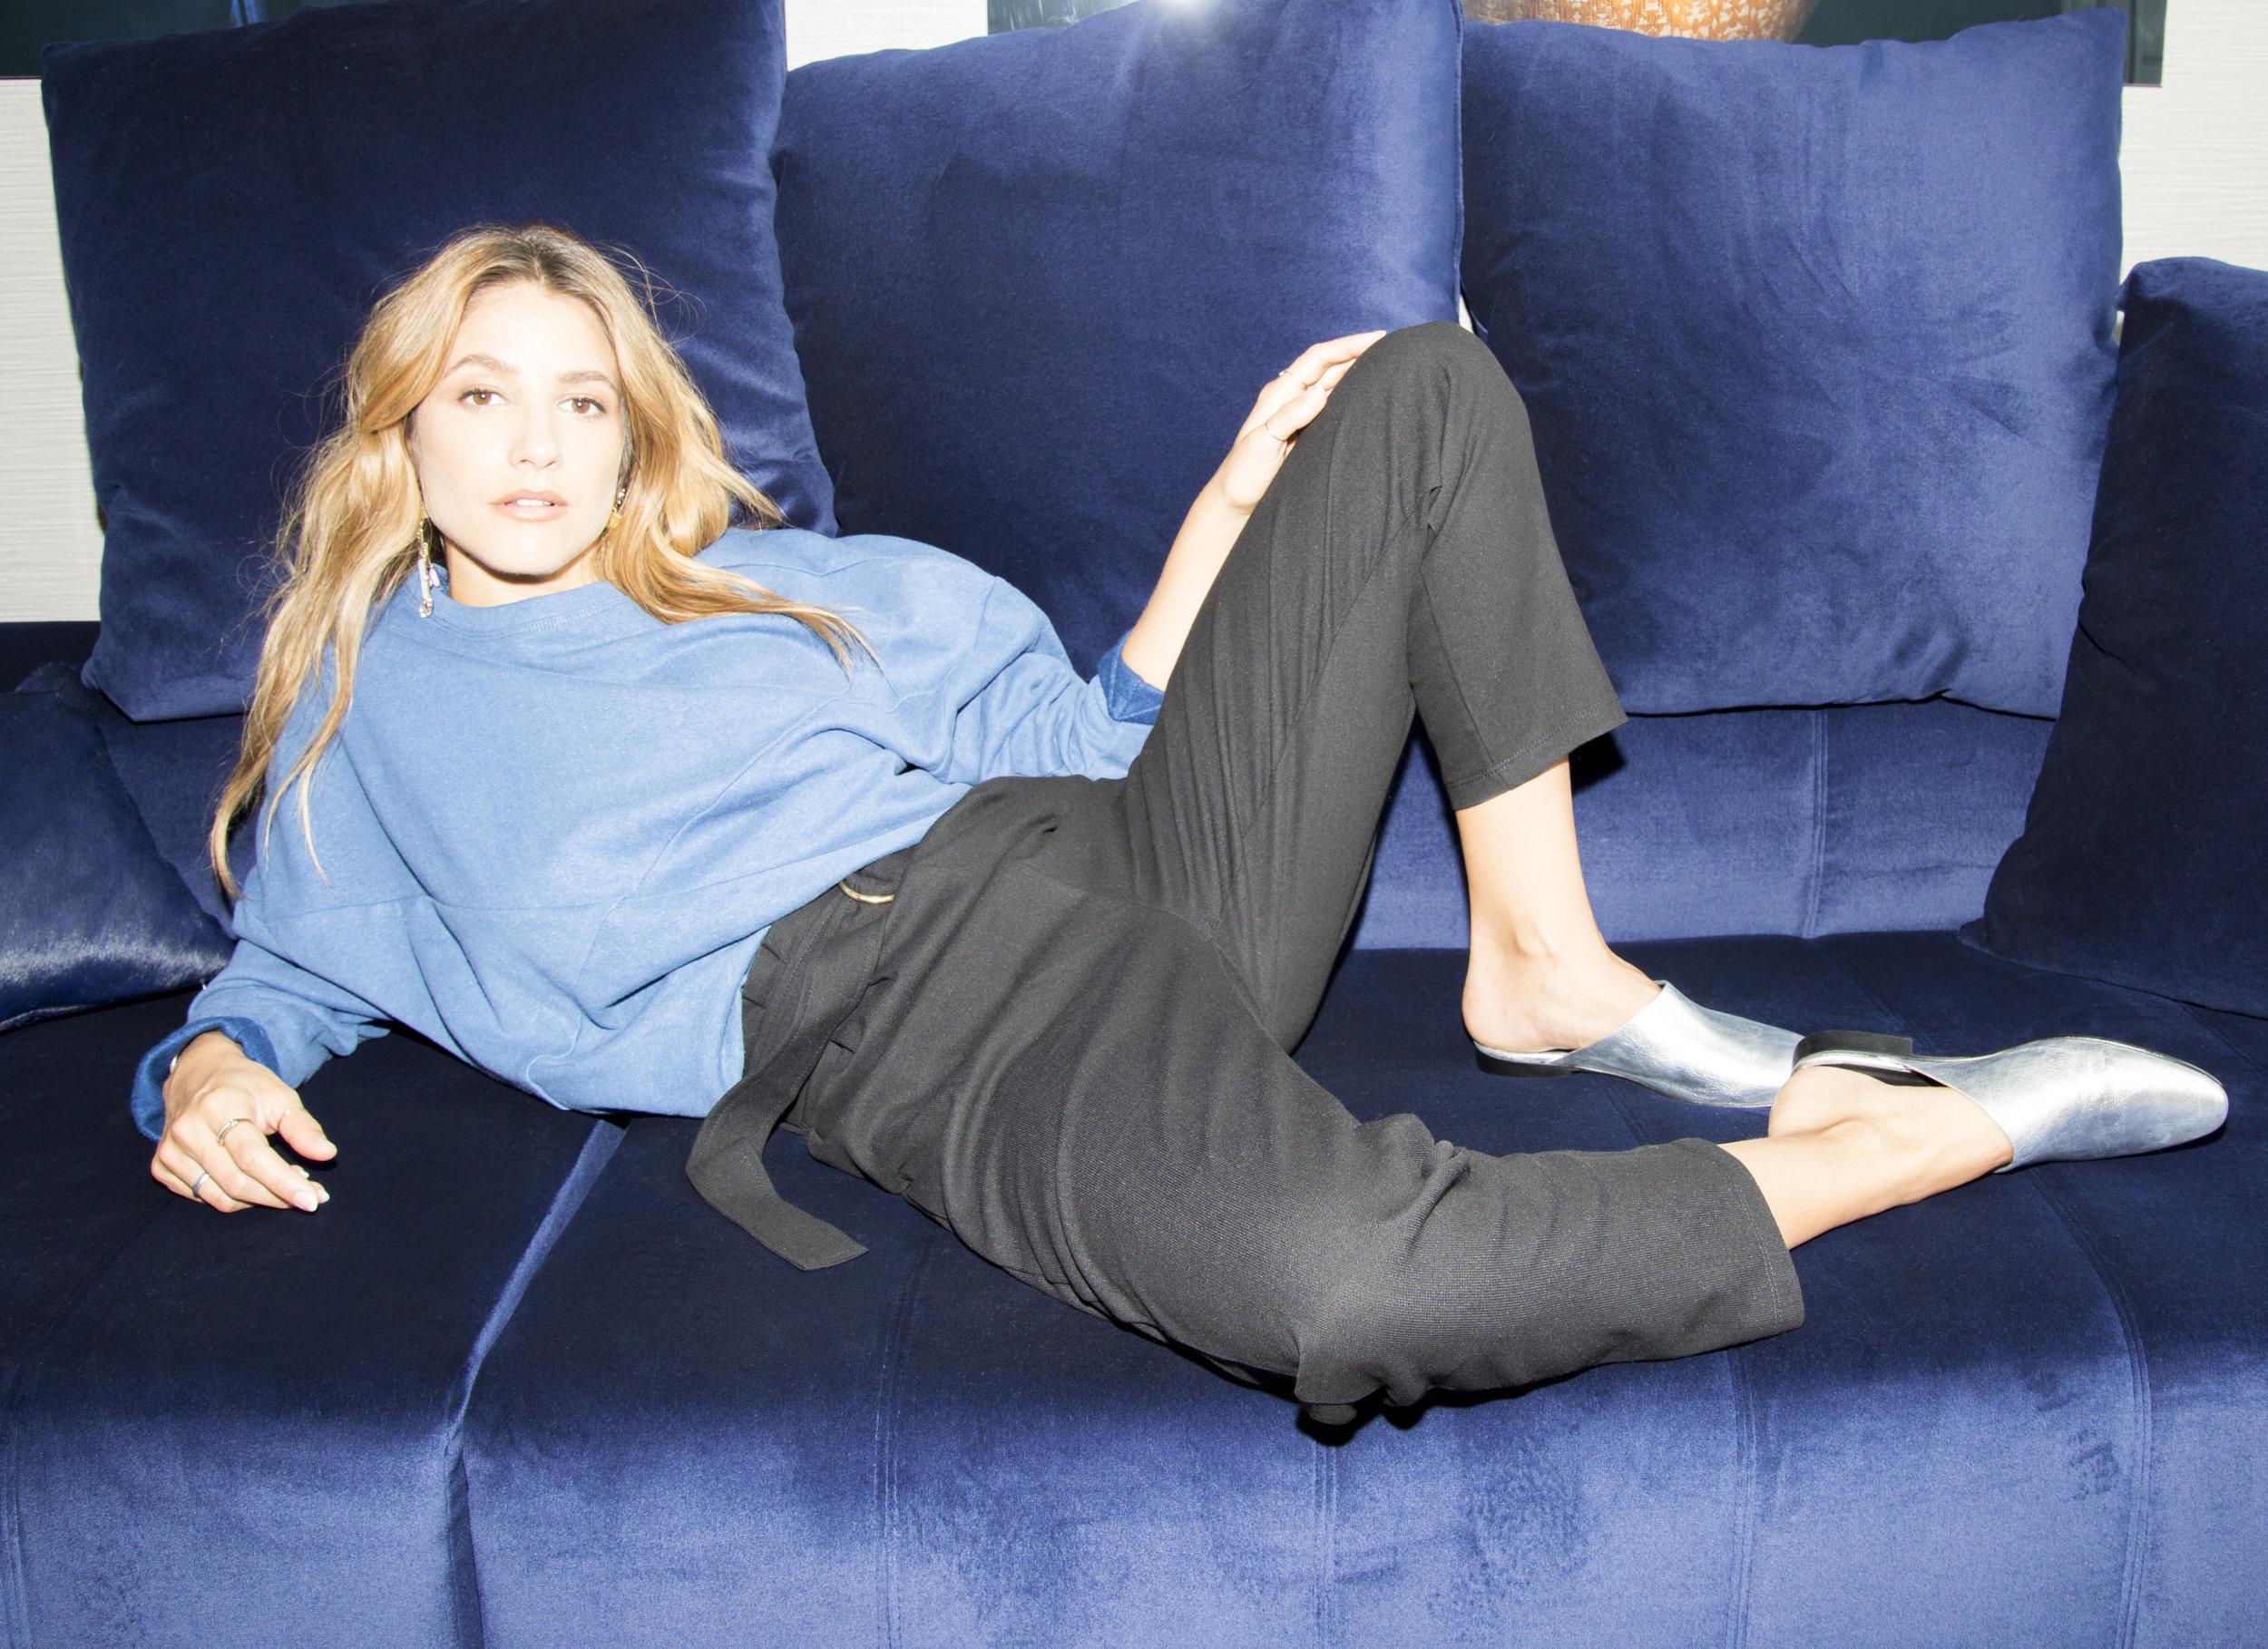 Chandail et pantalon : Odeyalo / Chaussures : Maguire Boutique